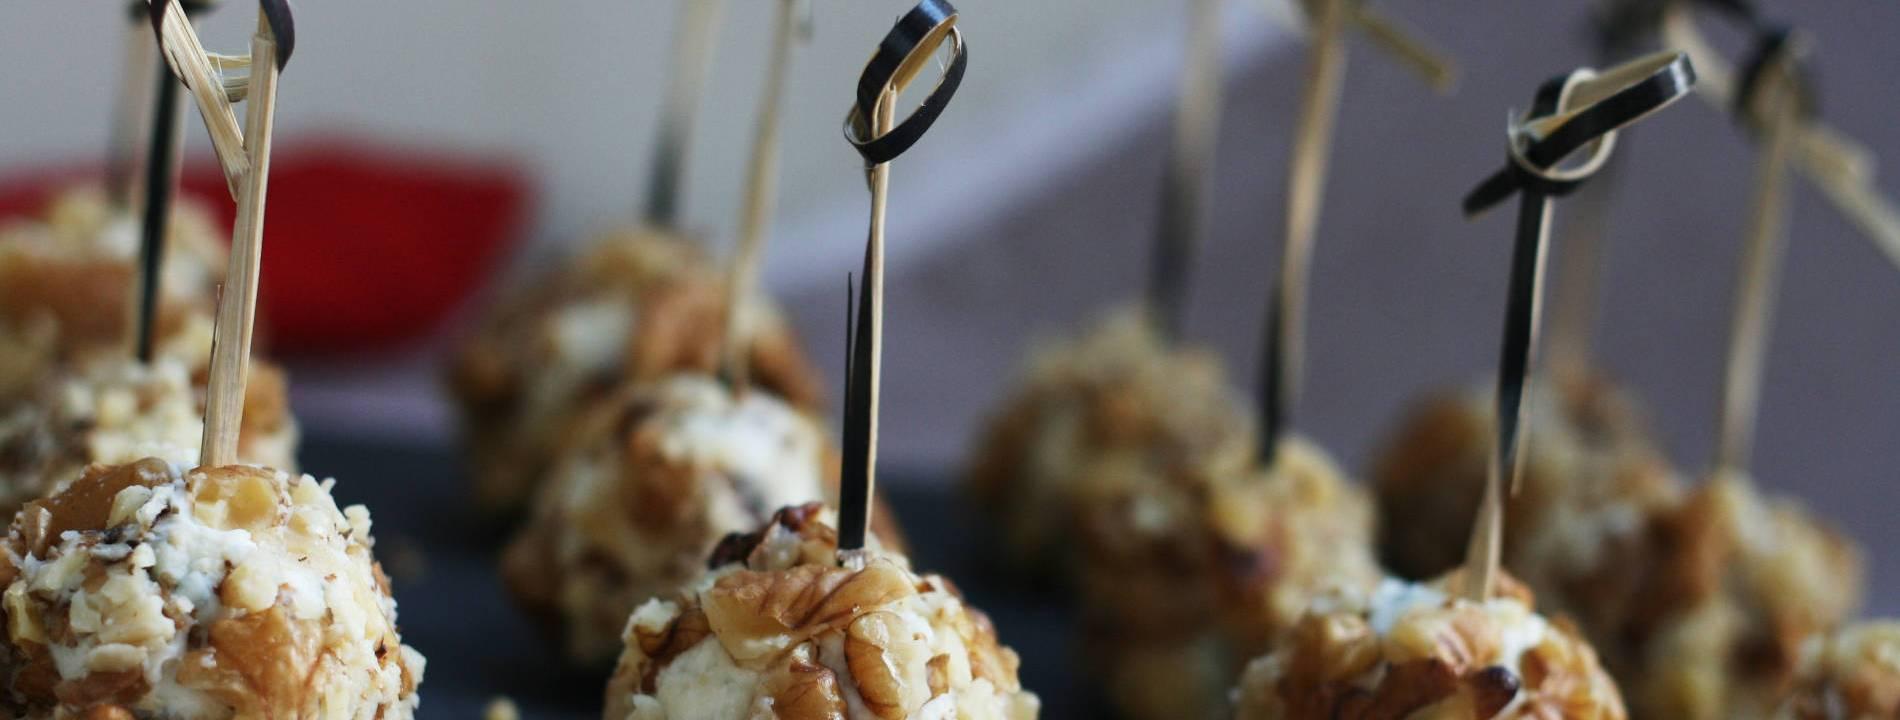 Bocconcini di Gorgonzola miele e noci